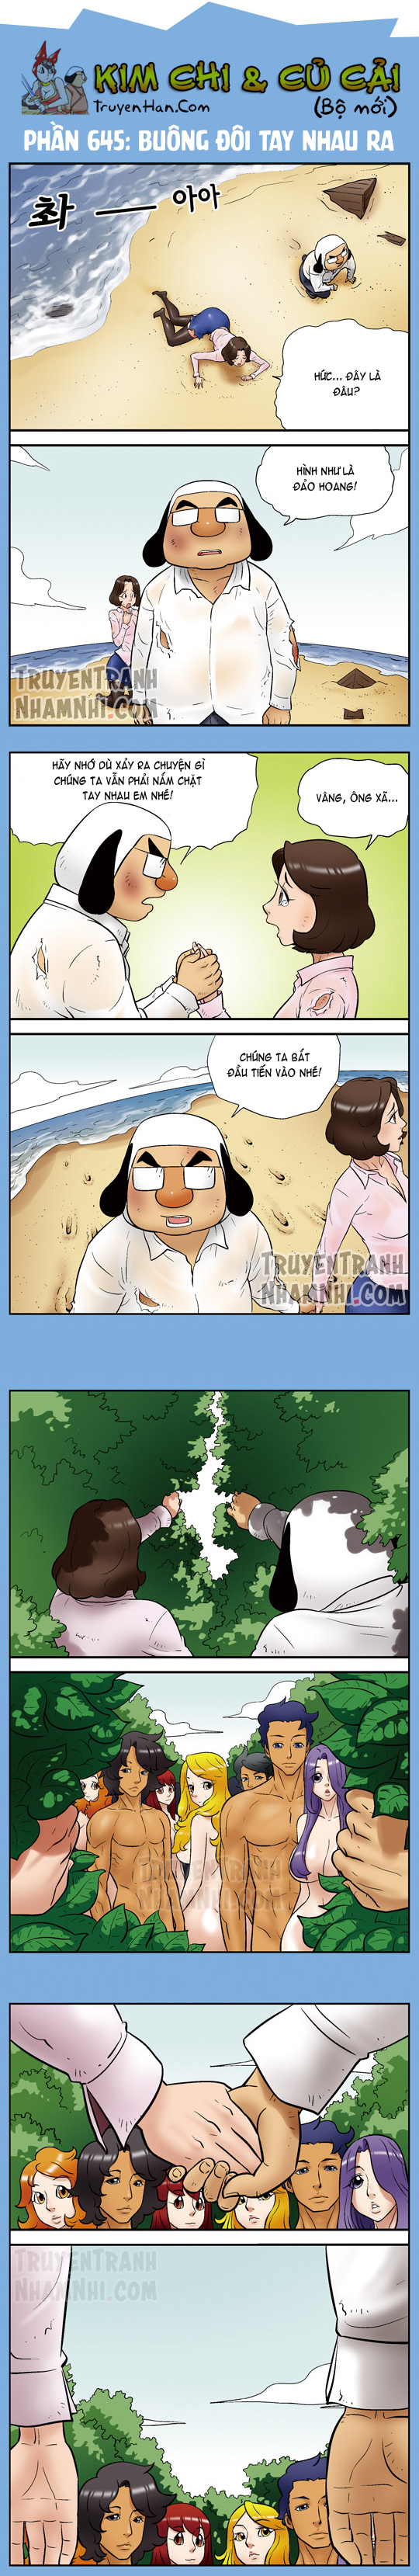 Kim Chi & Củ Cải (bộ mới) phần 645: Buông đôi tay nhau ra